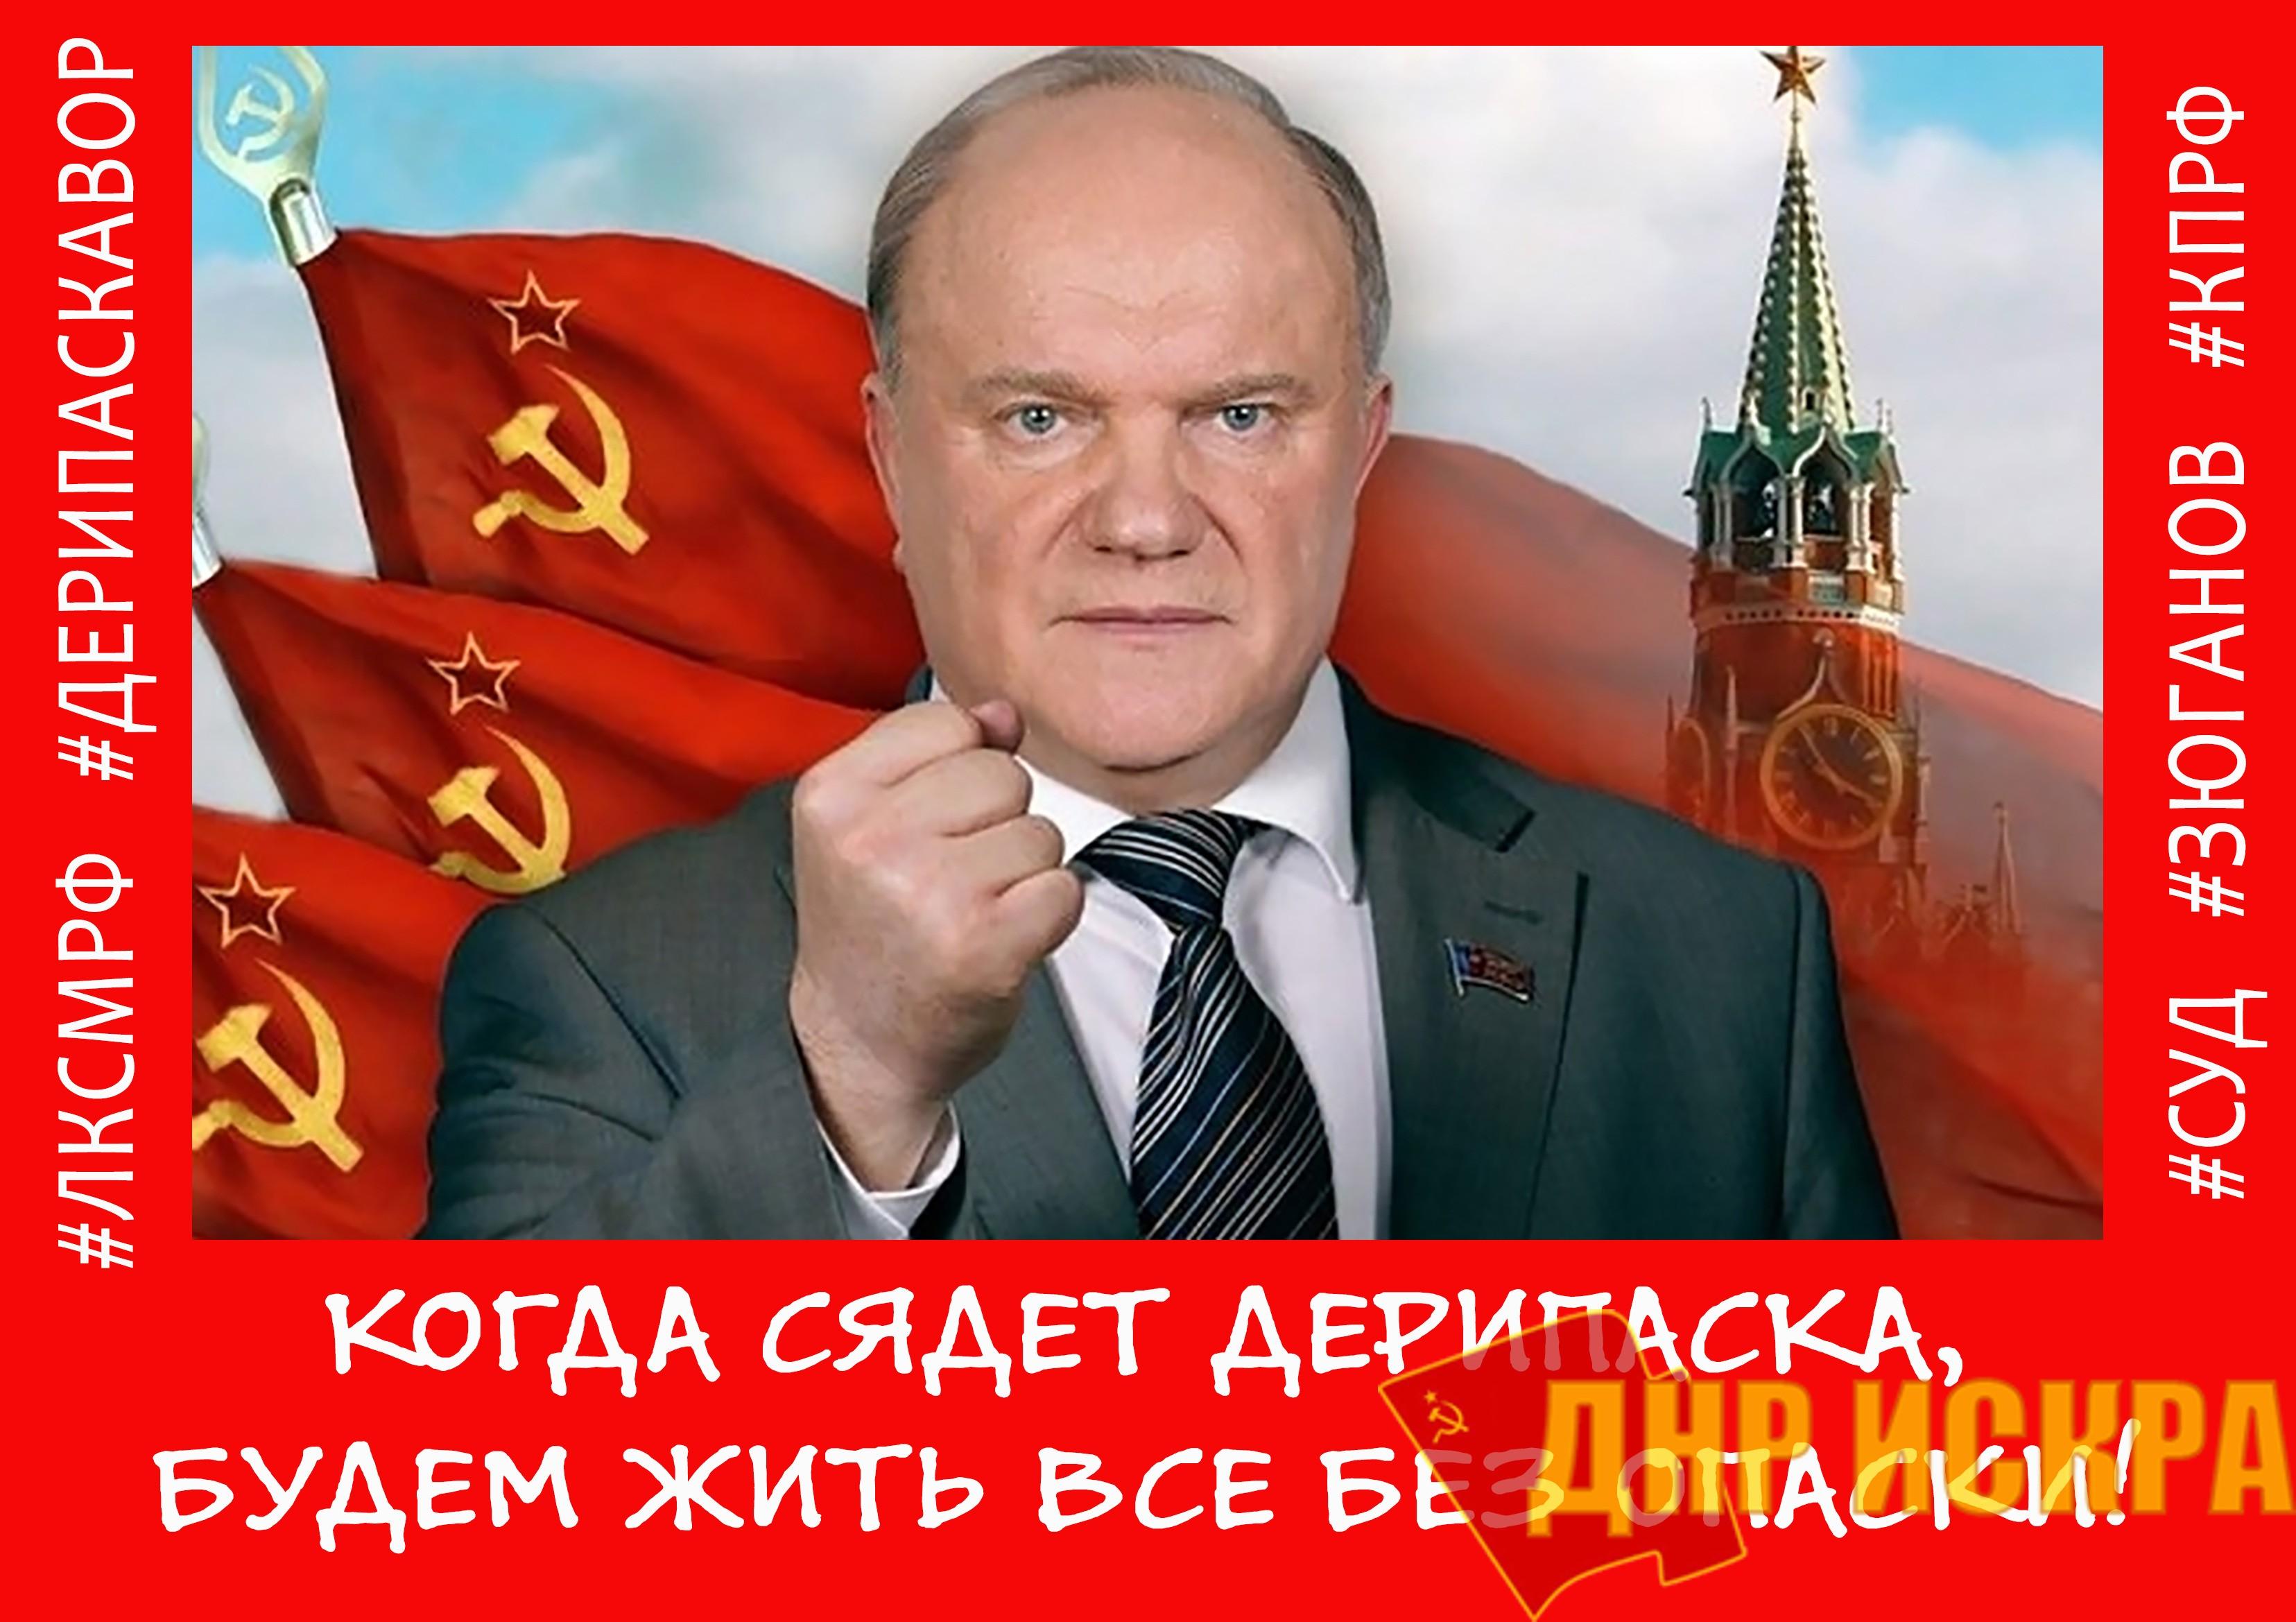 Московские комсомольцы провели акцию протеста перед офисом «Русала»